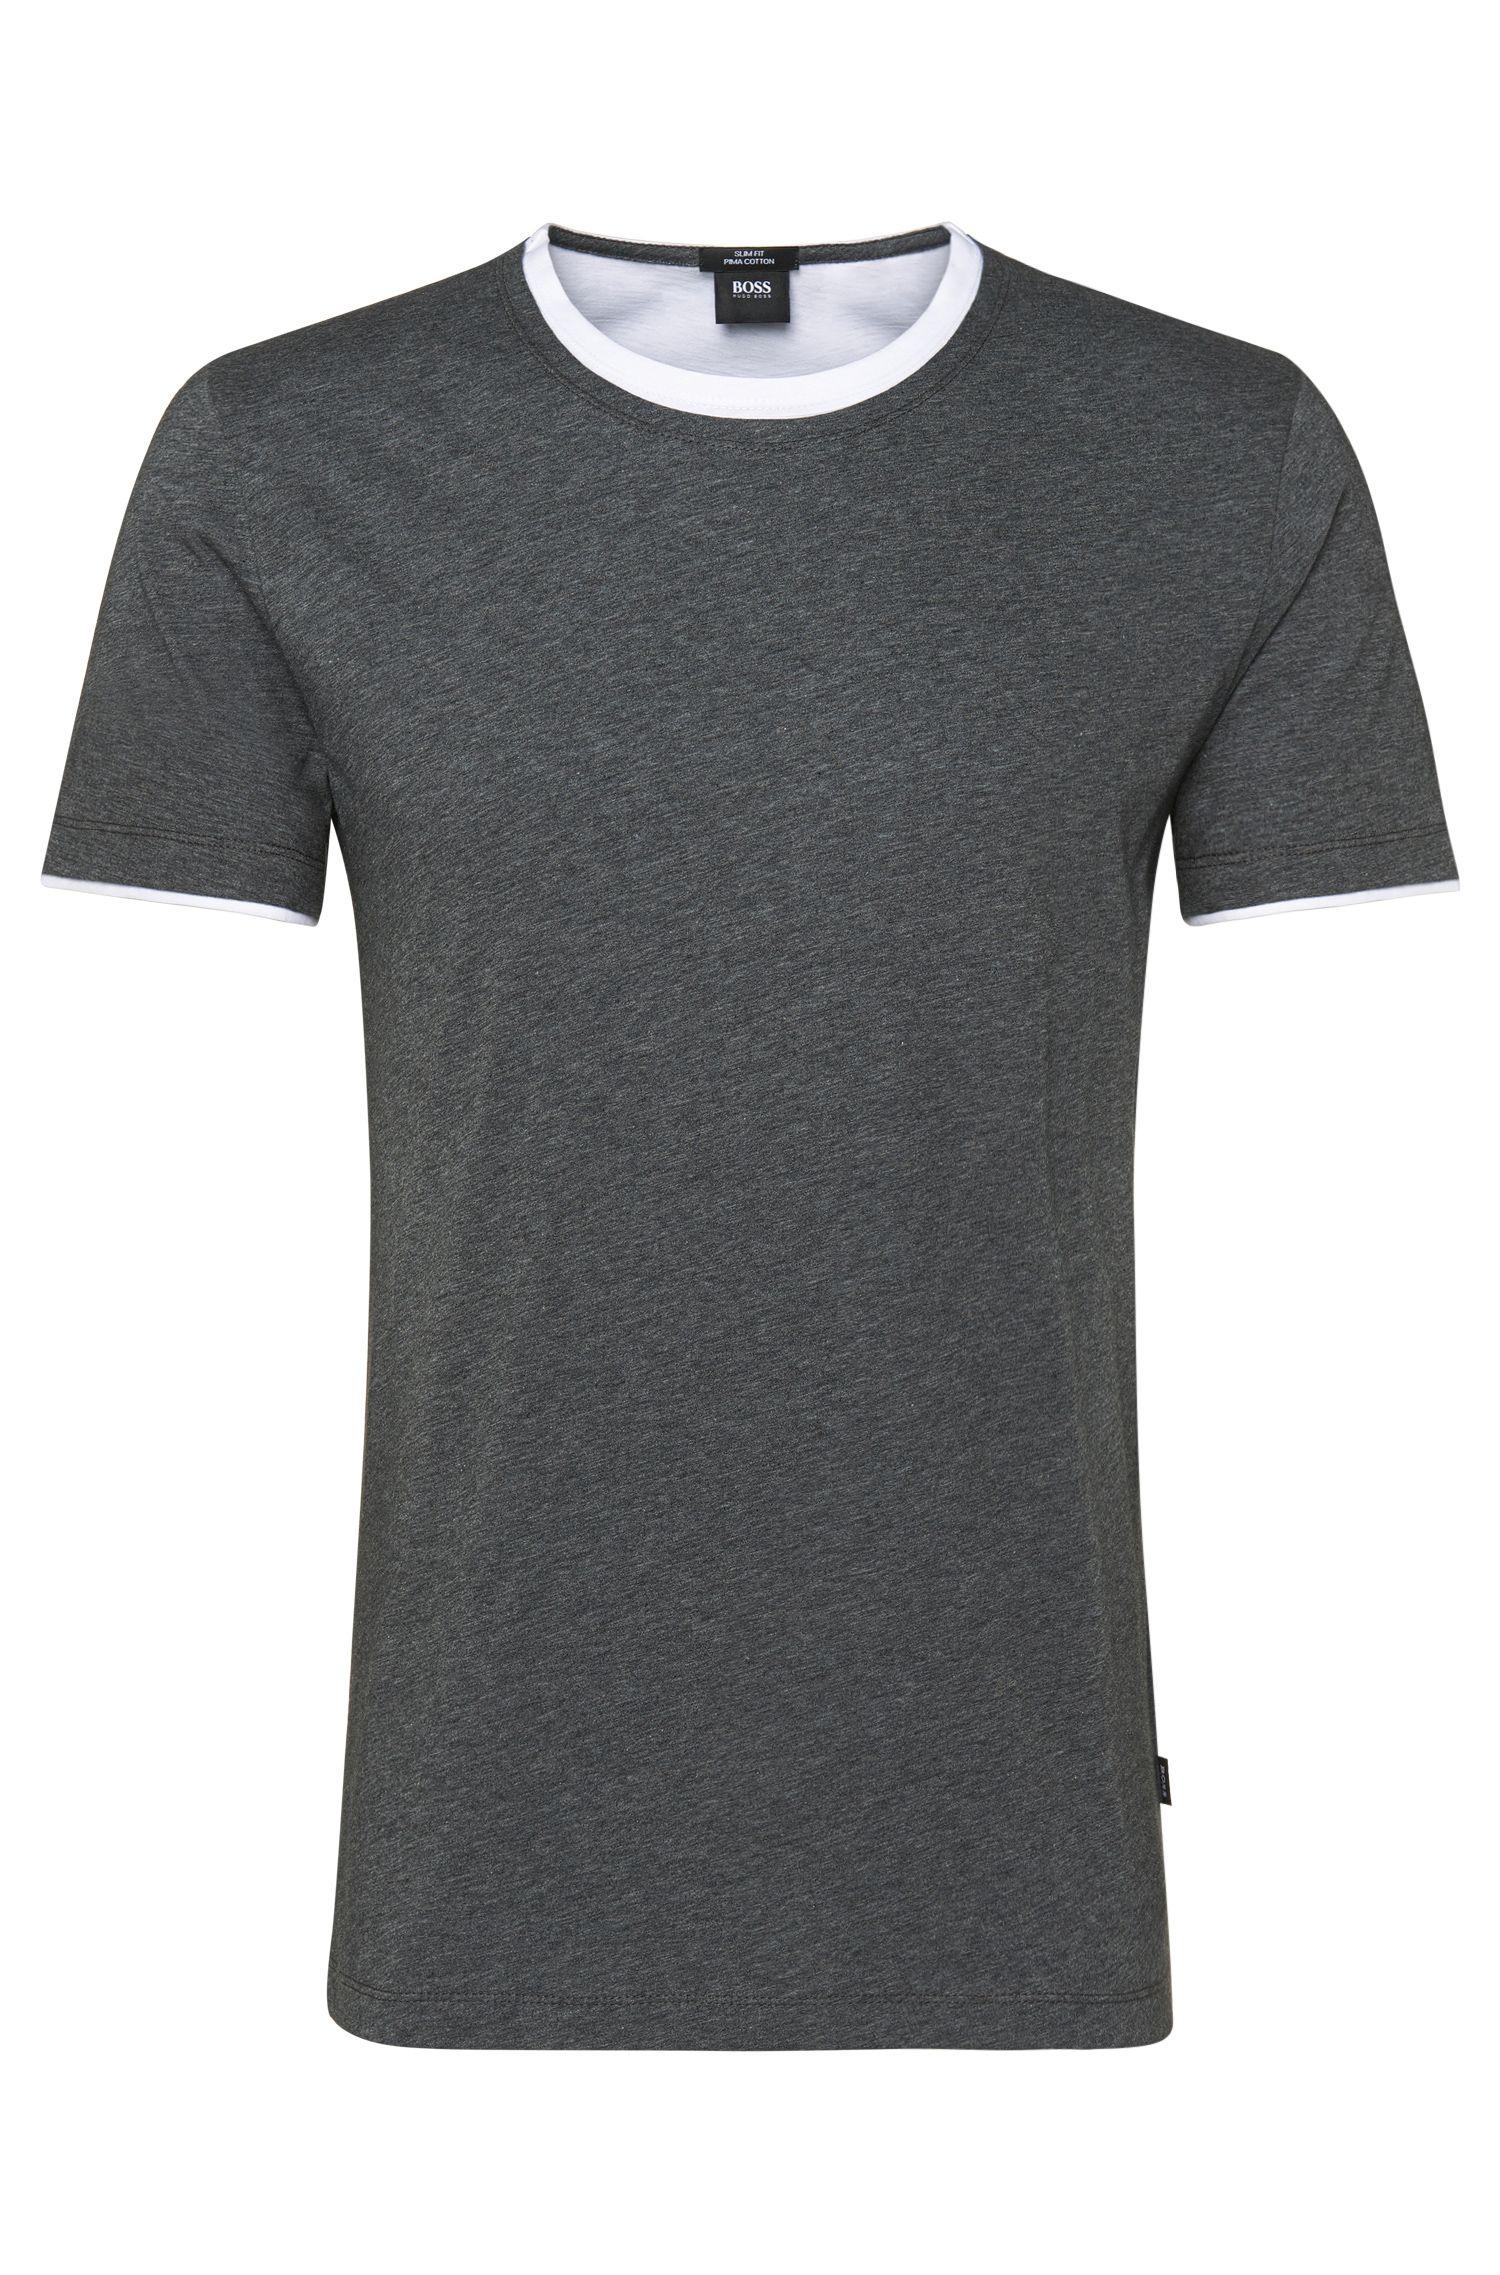 'Tessler' | Cotton T-Shirt